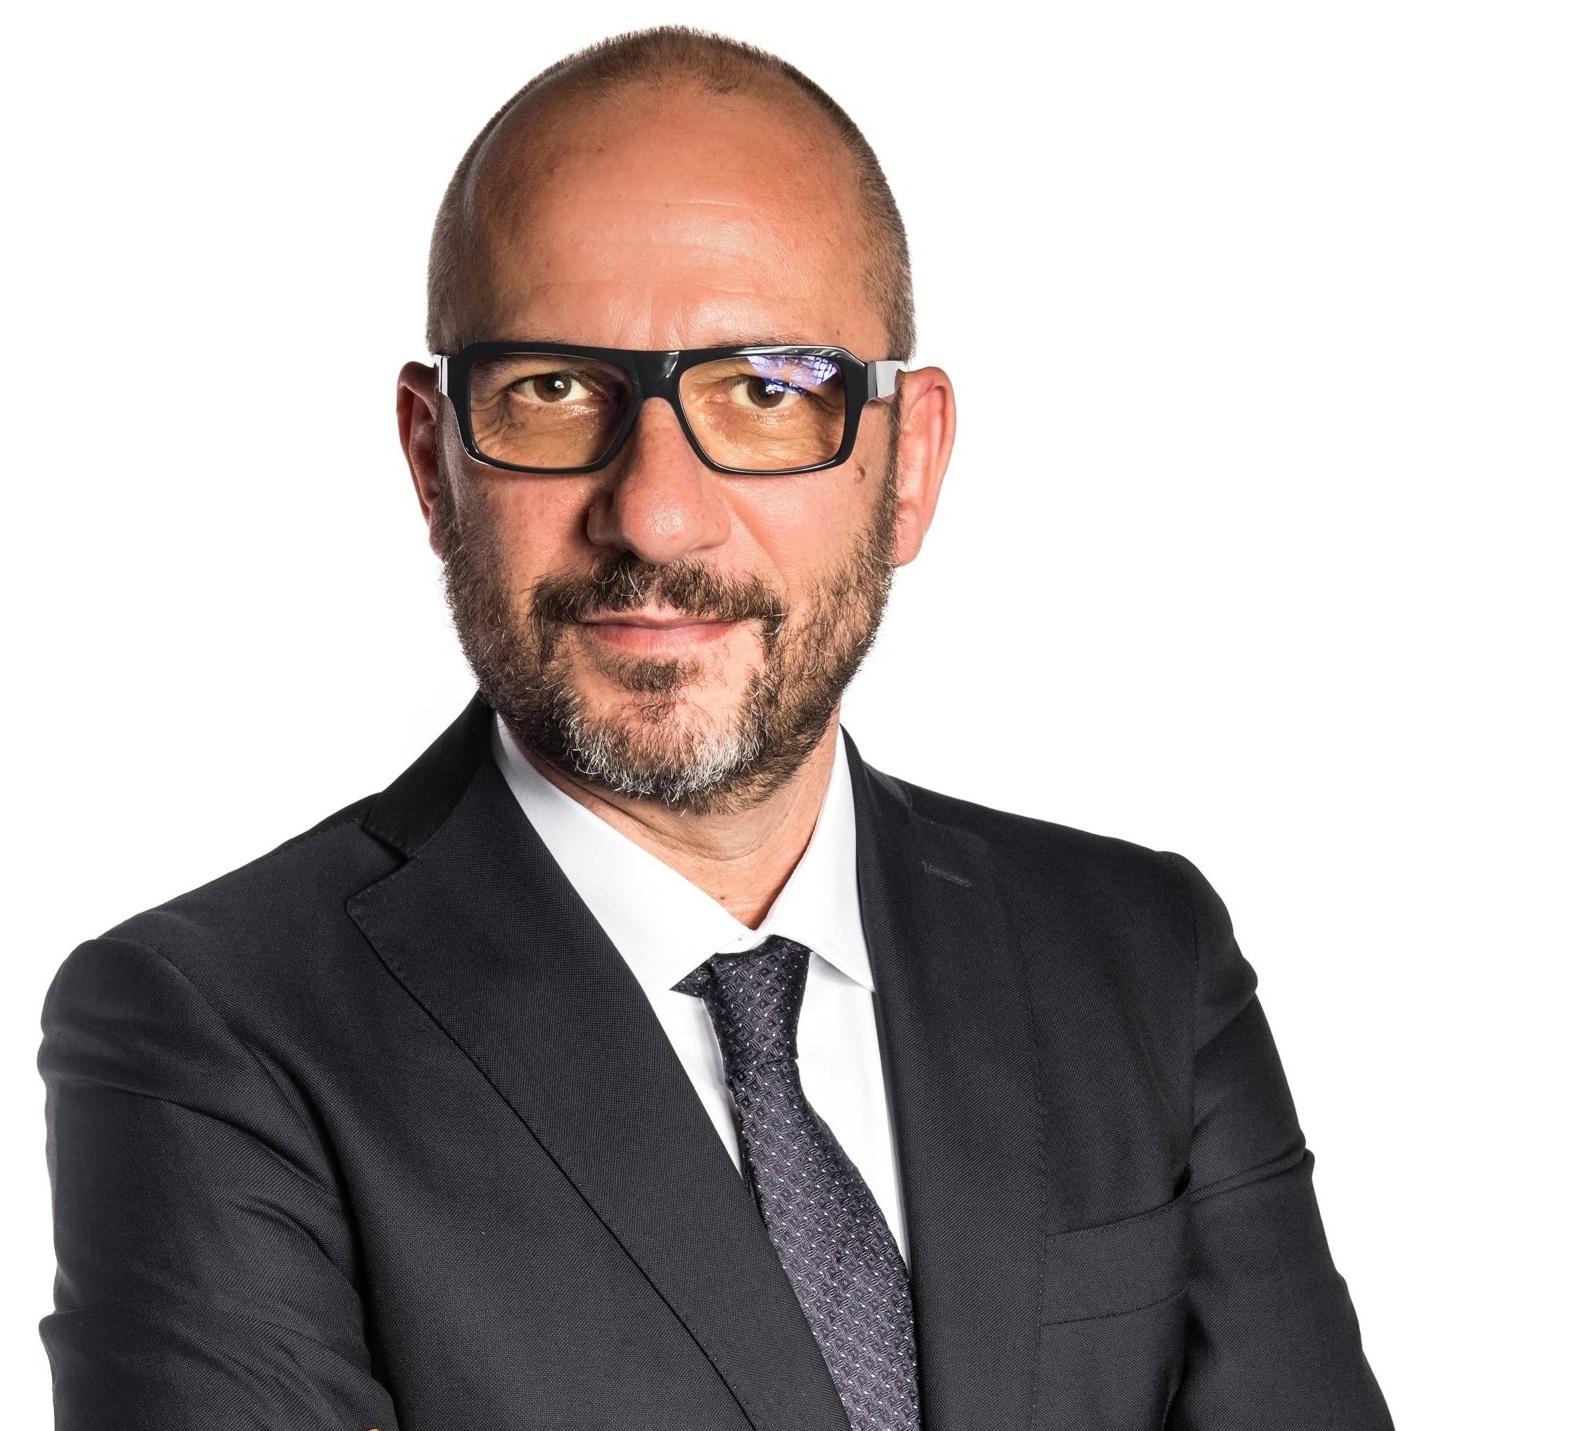 Lodovico Cesare Scolari